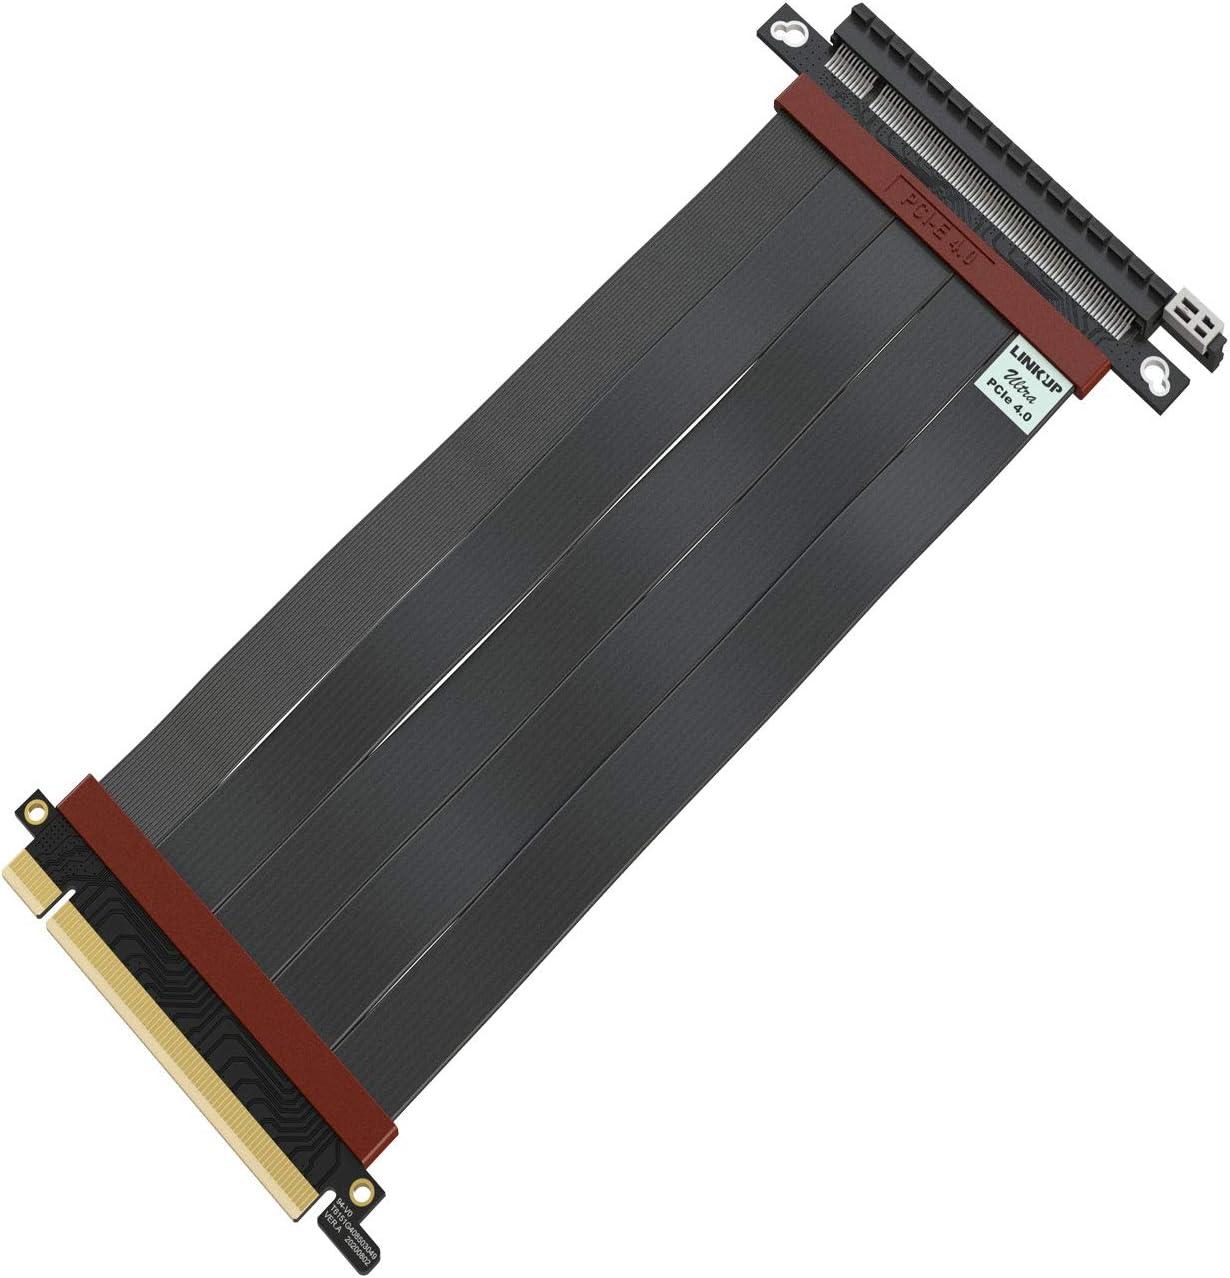 Extension De Cable 200mm LINKUP PCIe 4.0 X16 RTX3090 x570